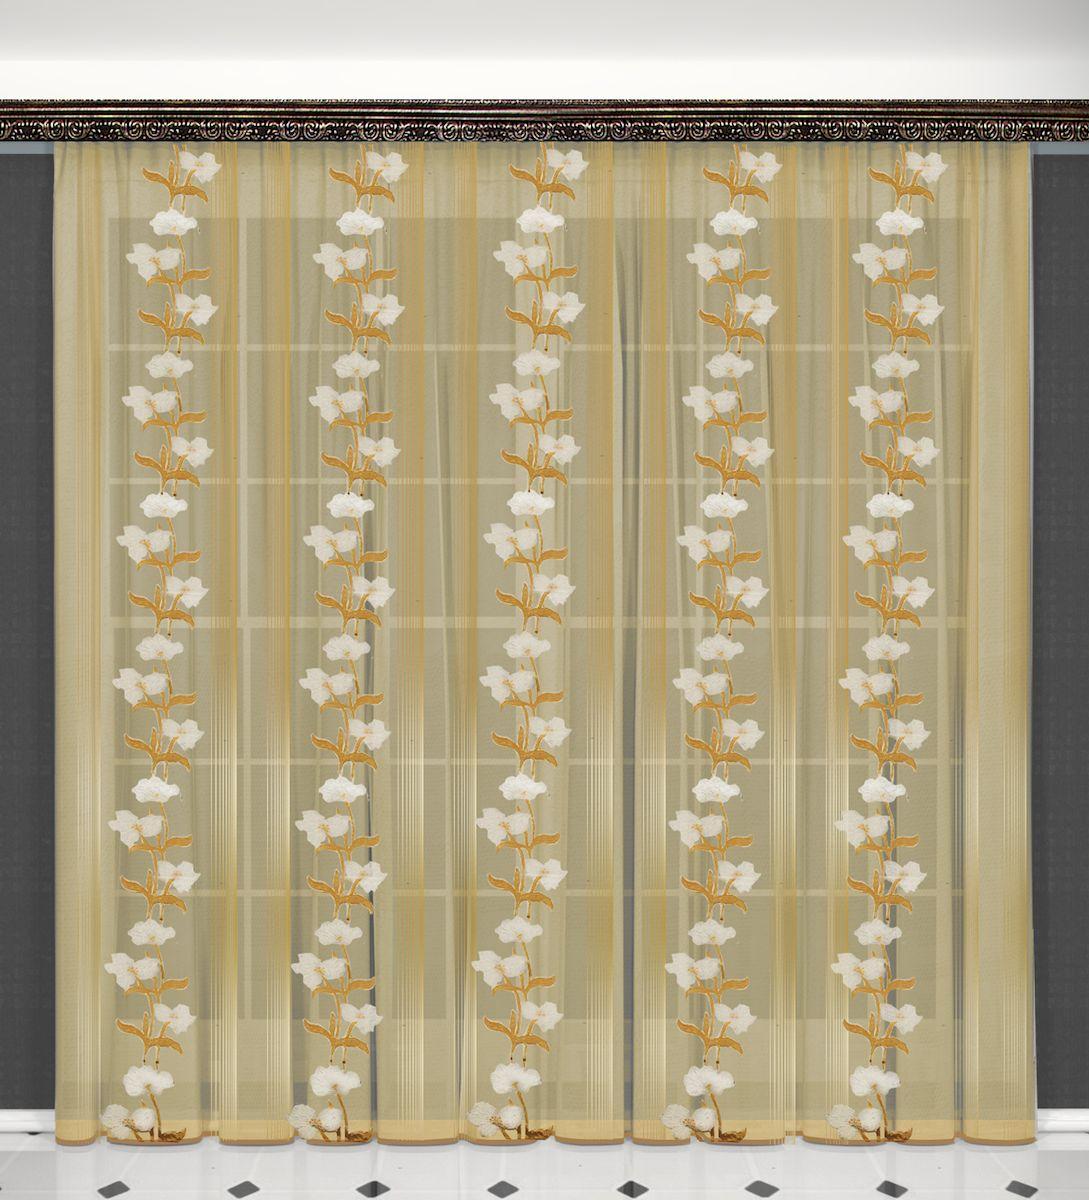 Тюль Zlata Korunka, на ленте, цвет: бежевый, высота 270 см. 55632106-026Тюль Zlata Korunka, изготовленный из полиэстера, великолепно украсит любое окно. Воздушная ткань и нежный цветочный рисунок привлекут к себе внимание и органично впишутся в интерьер помещения. Полиэстер - вид ткани, состоящий из полиэфирных волокон. Ткани из полиэстера - легкие, прочные и износостойкие. Такие изделия не требуют специального ухода, не пылятся и почти не мнутся.Тюль крепится на карниз при помощи ленты, которая поможет красиво и равномерно задрапировать верх. Такой тюль идеально оформит интерьер любого помещения.